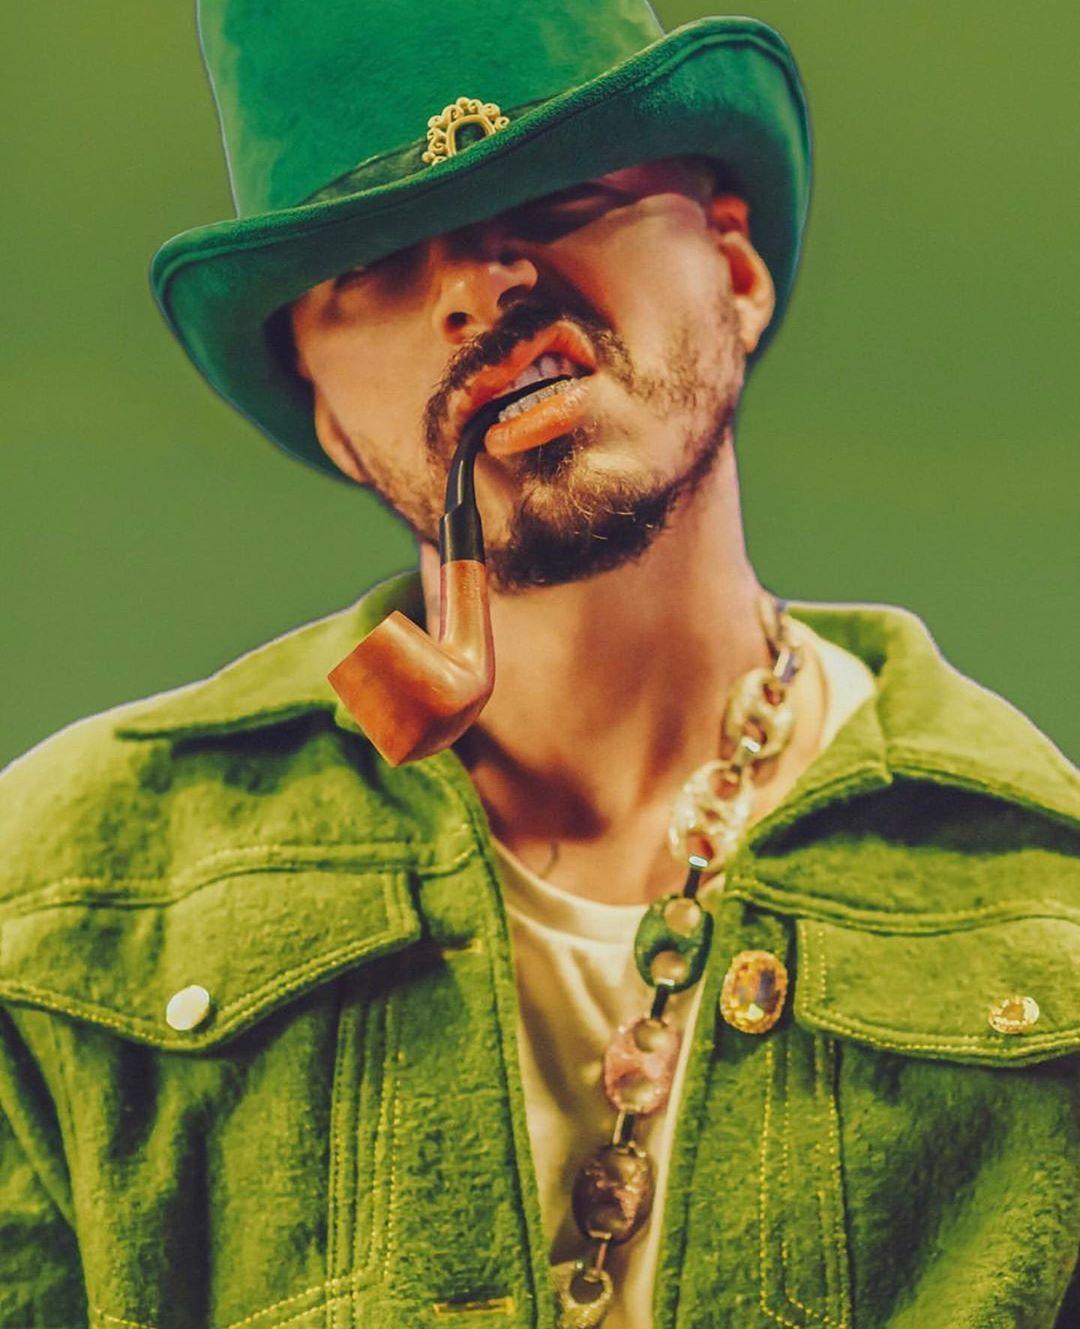 J Balvin Verde In 2020 Reggaeton Singer Classic Hollywood